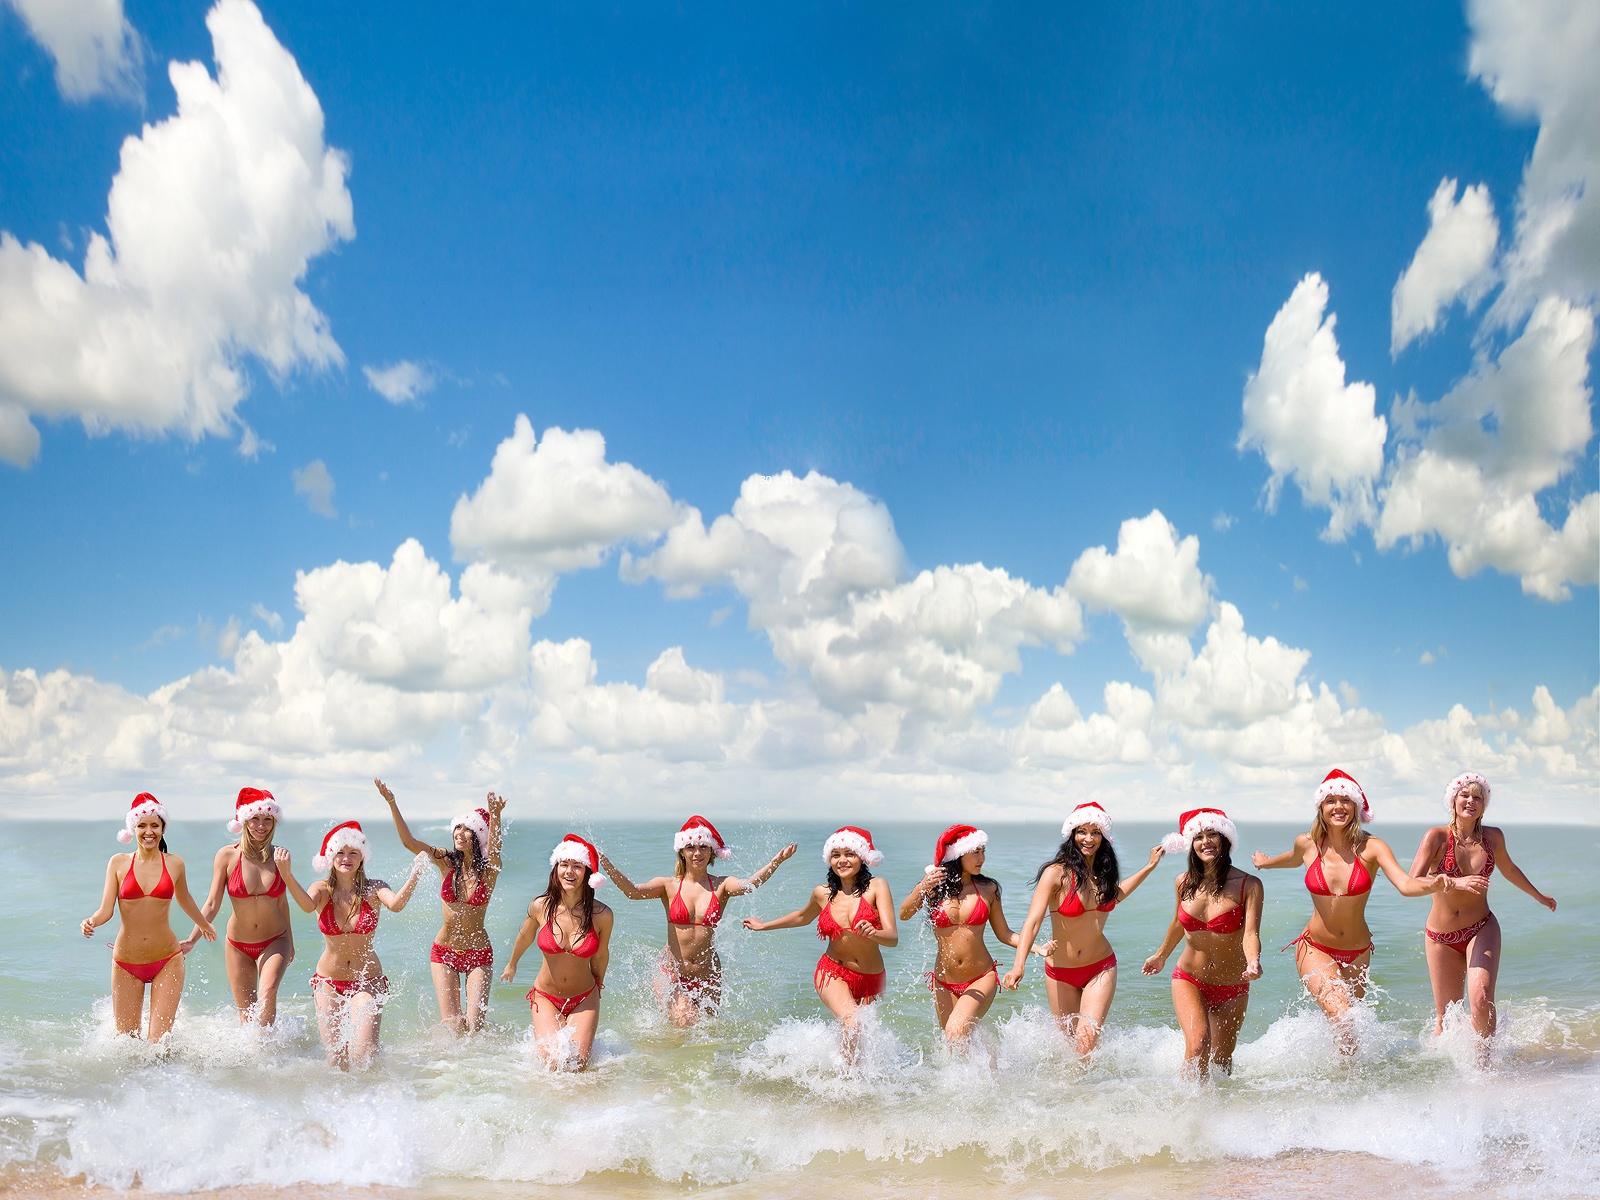 fondos de pantalla navidenos gratis para pc: